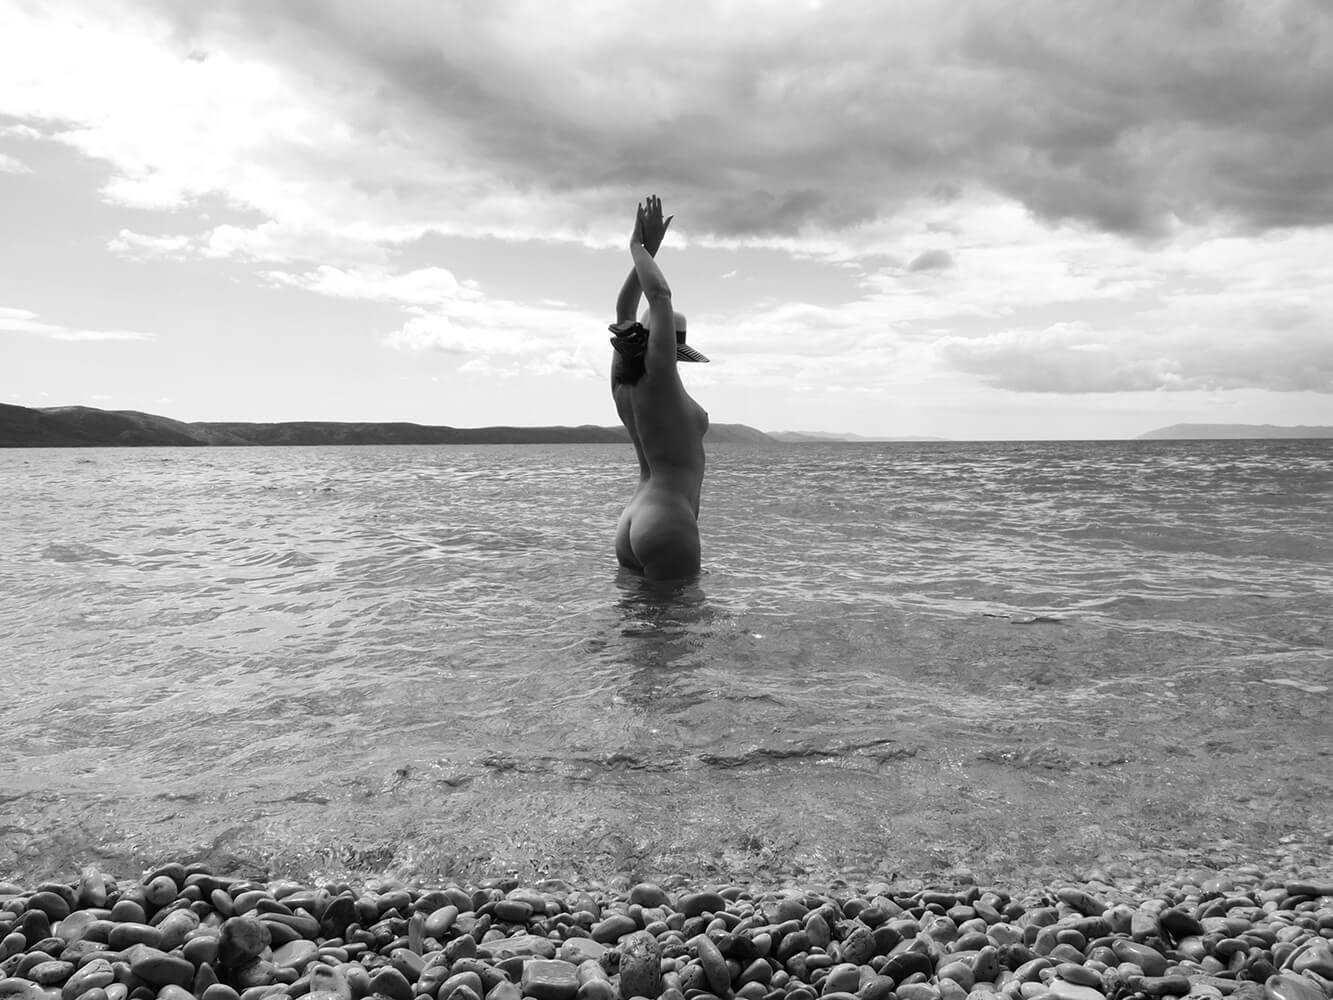 černobílý ženský umělecký akt v moři